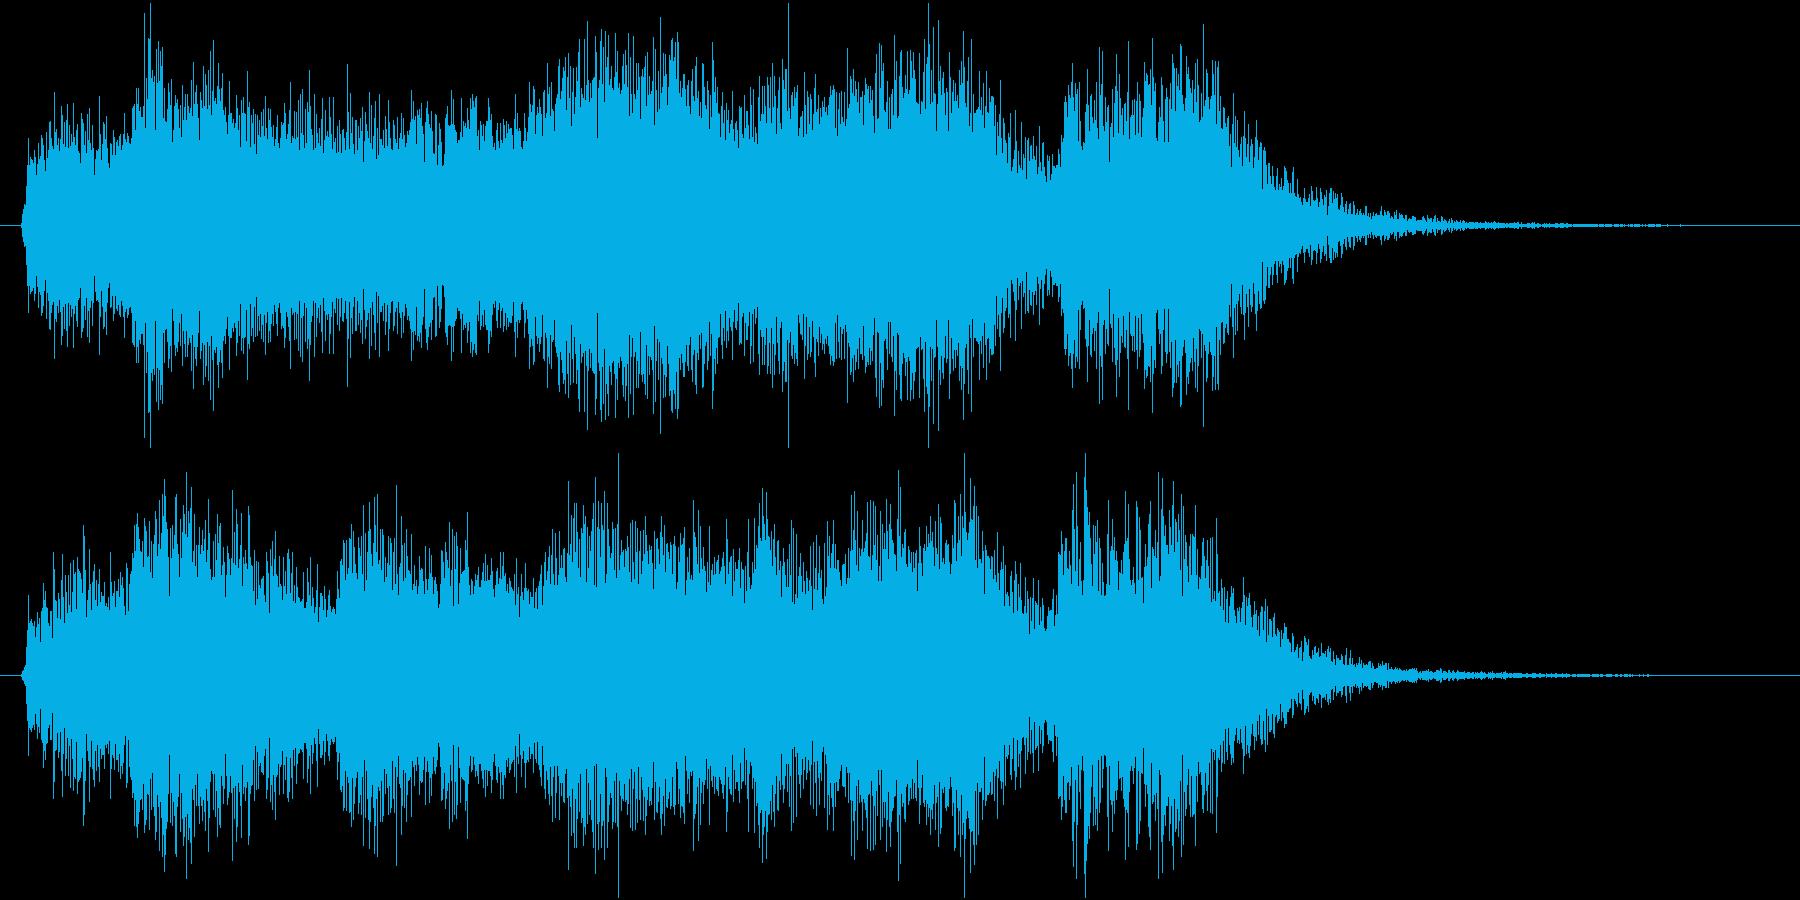 発表!表彰式オープニングファンファーレの再生済みの波形